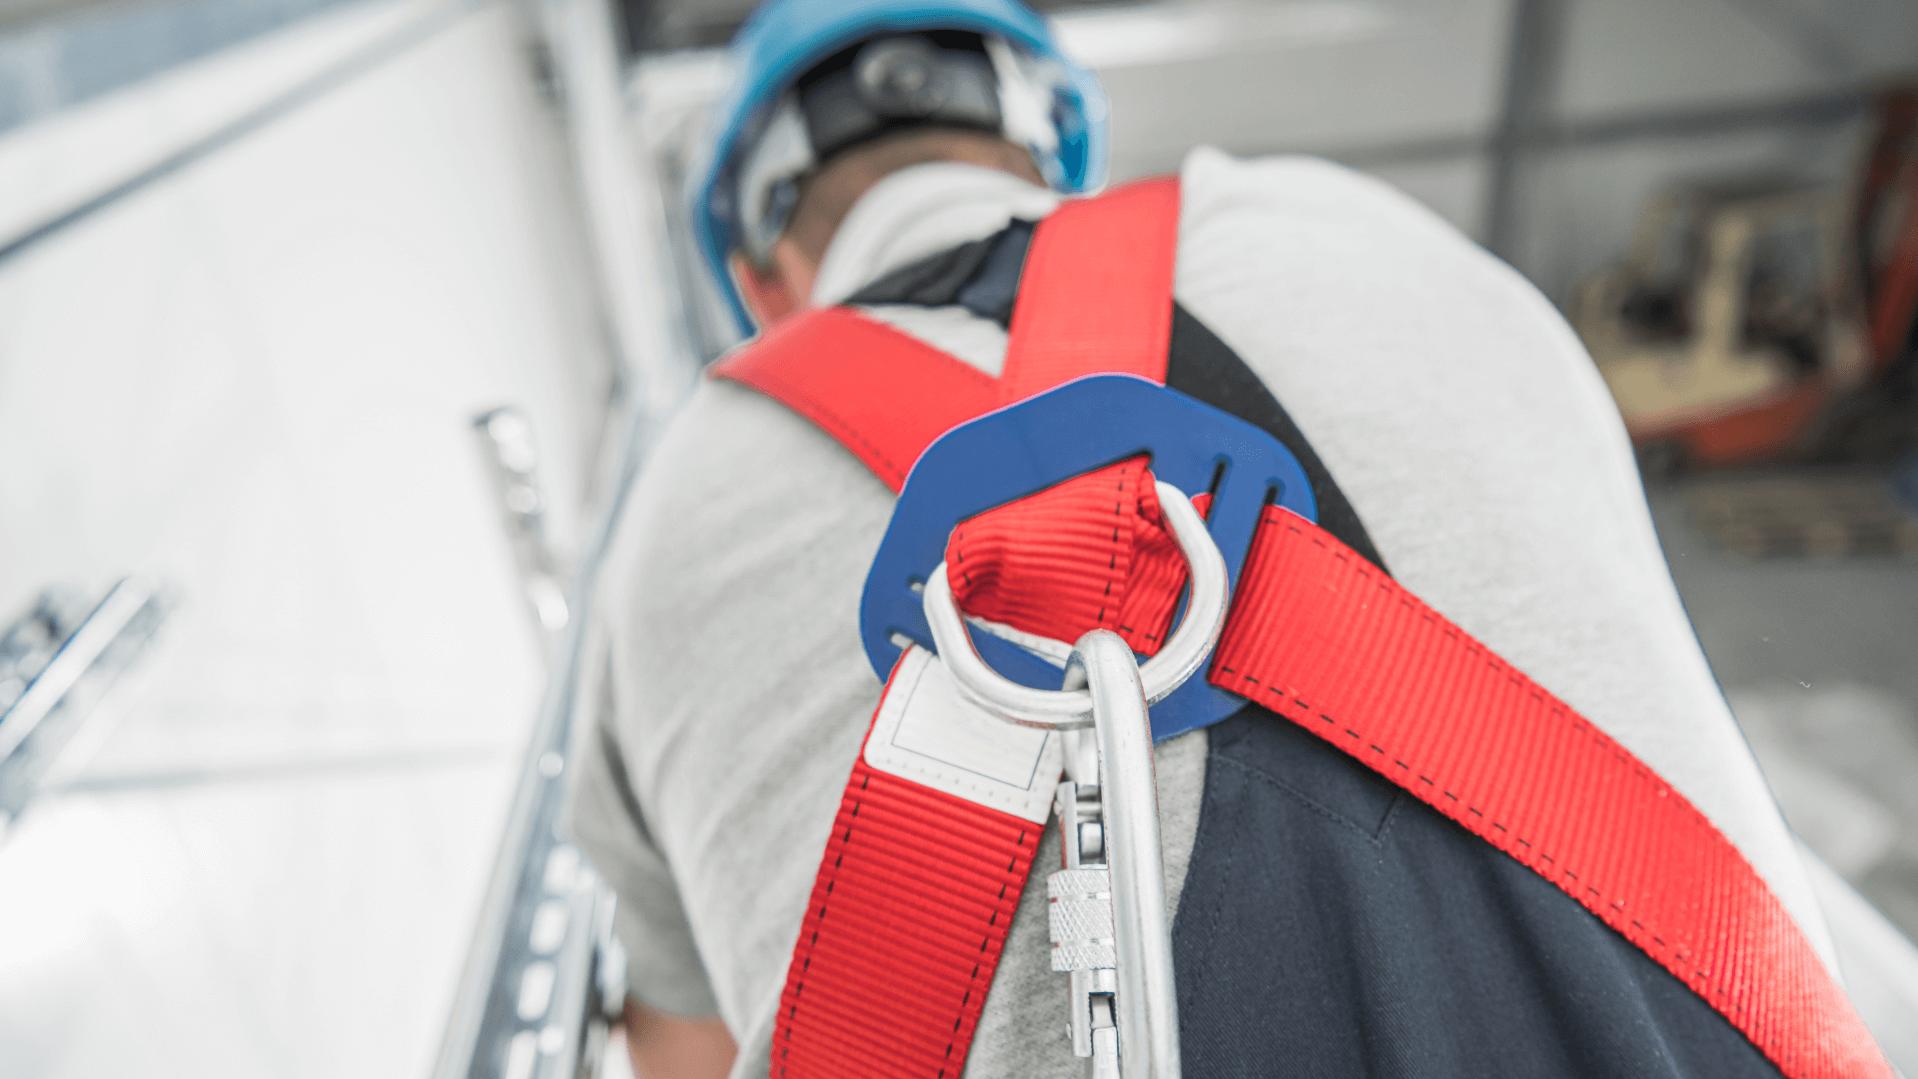 Fallskyddsutbildning